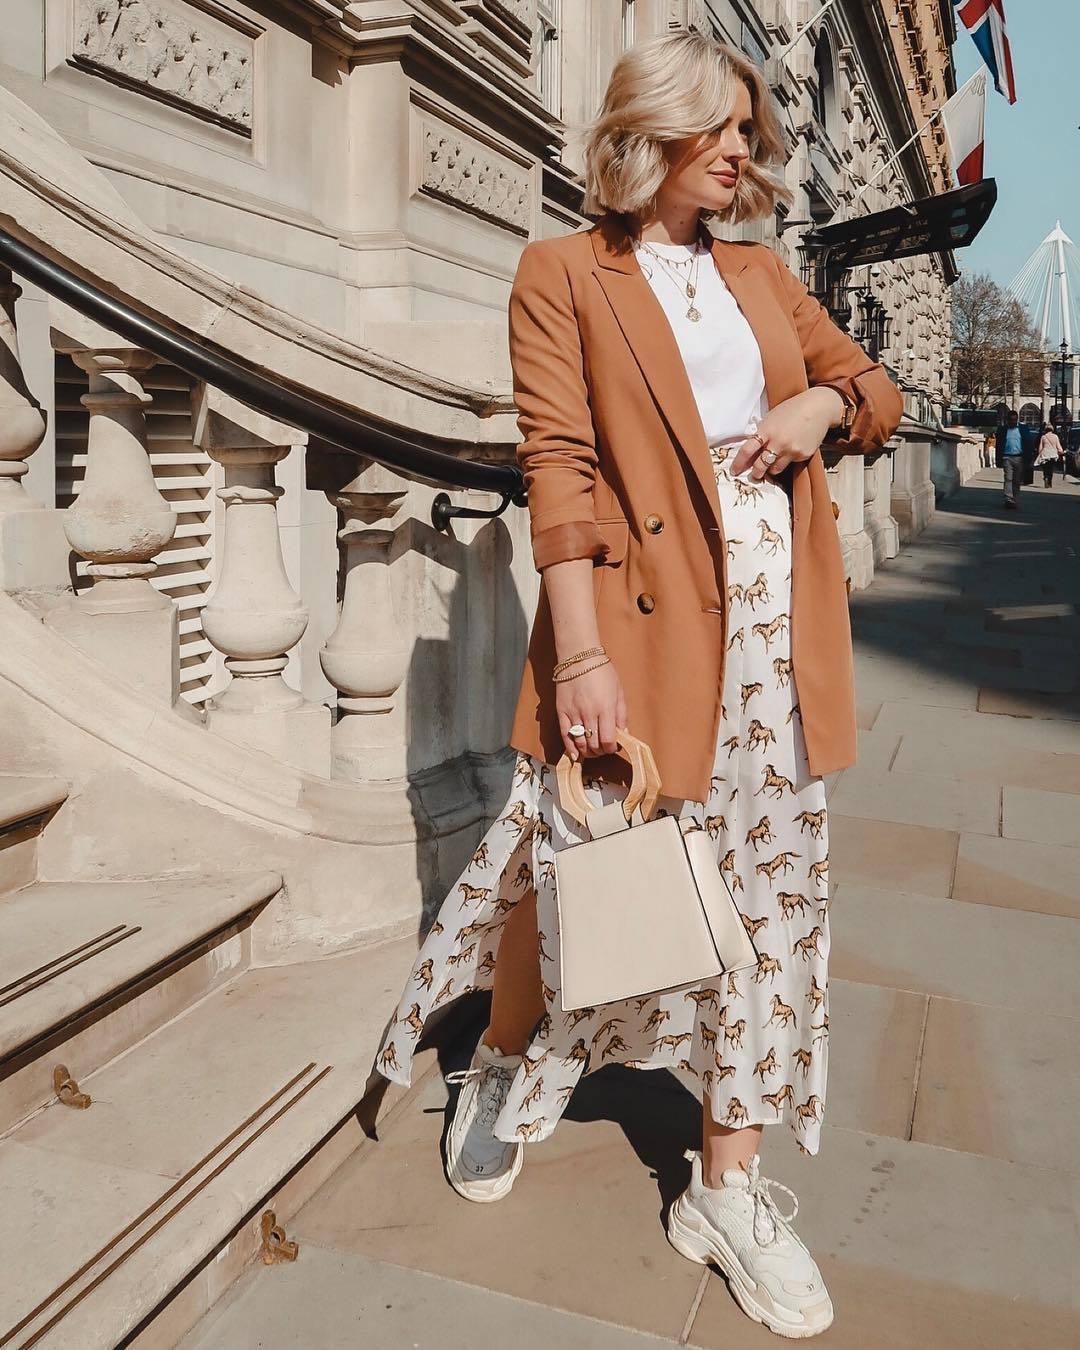 skirt midi skirt white skirt topshop white sneakers blazer double breasted white bag handbag white t-shirt